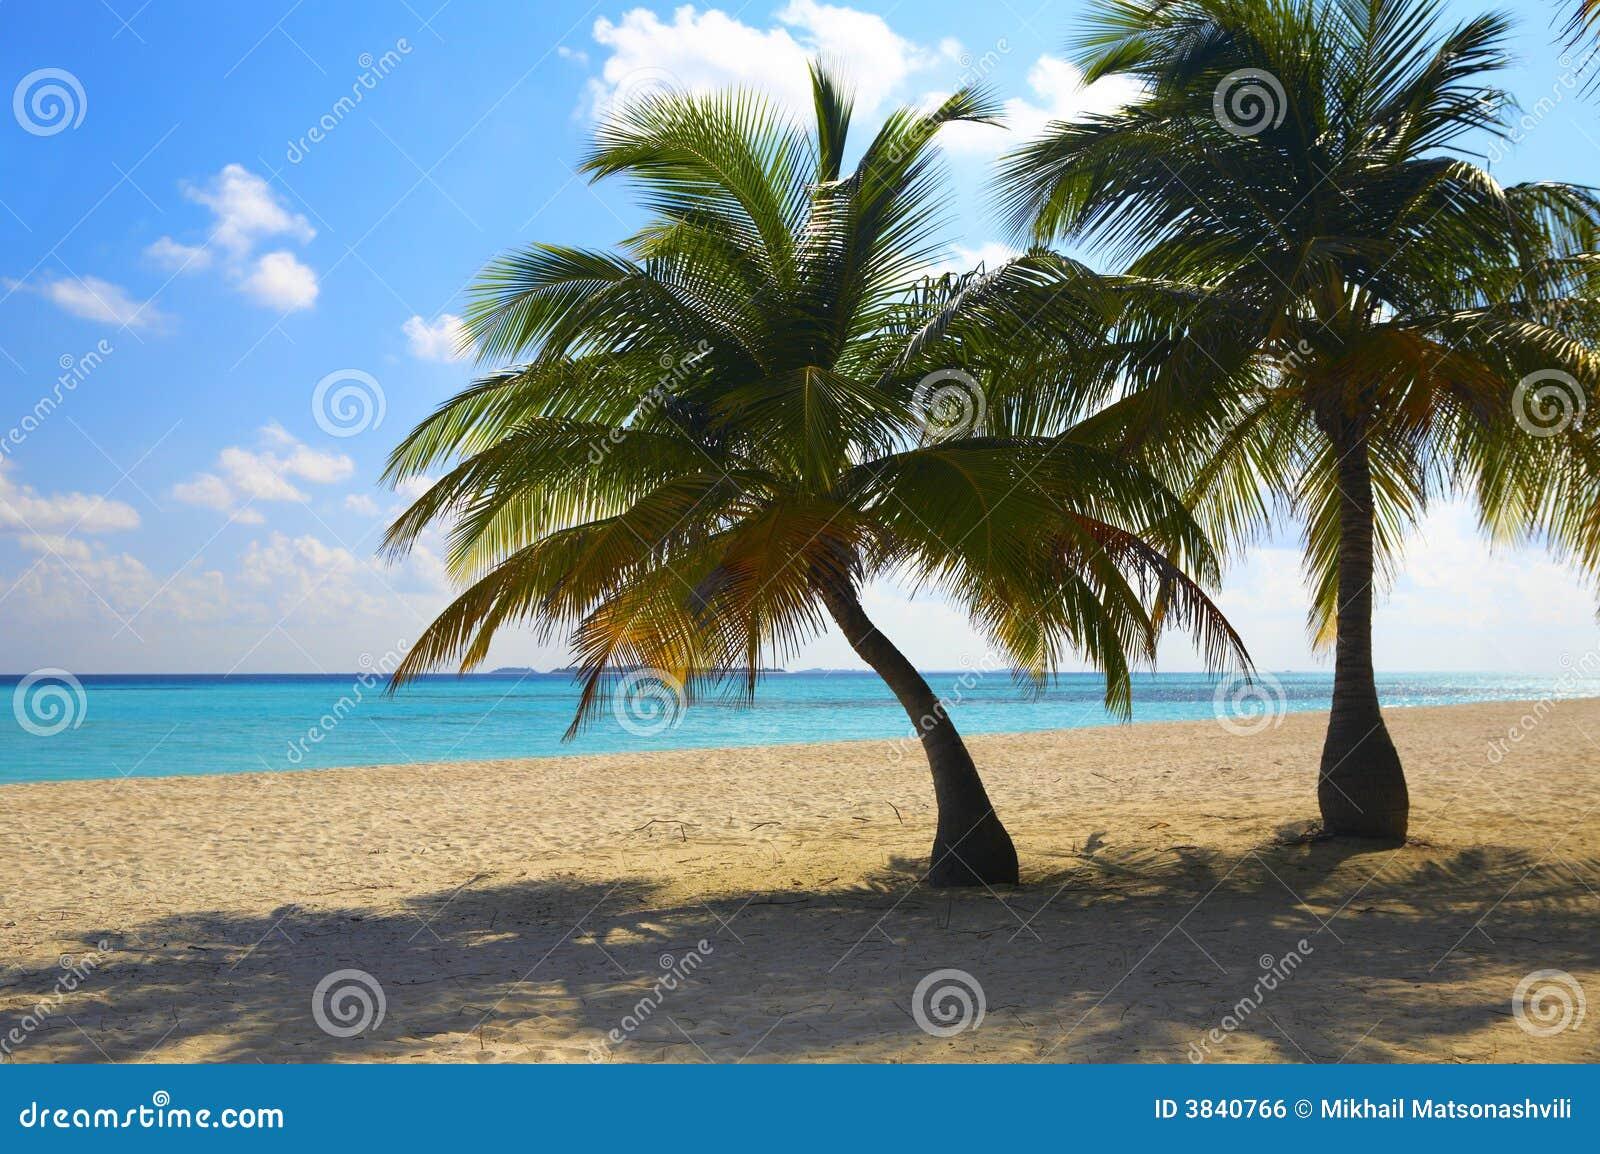 zwei palmen sind auf einem tropischen strand lizenzfreies stockbild bild 3840766. Black Bedroom Furniture Sets. Home Design Ideas